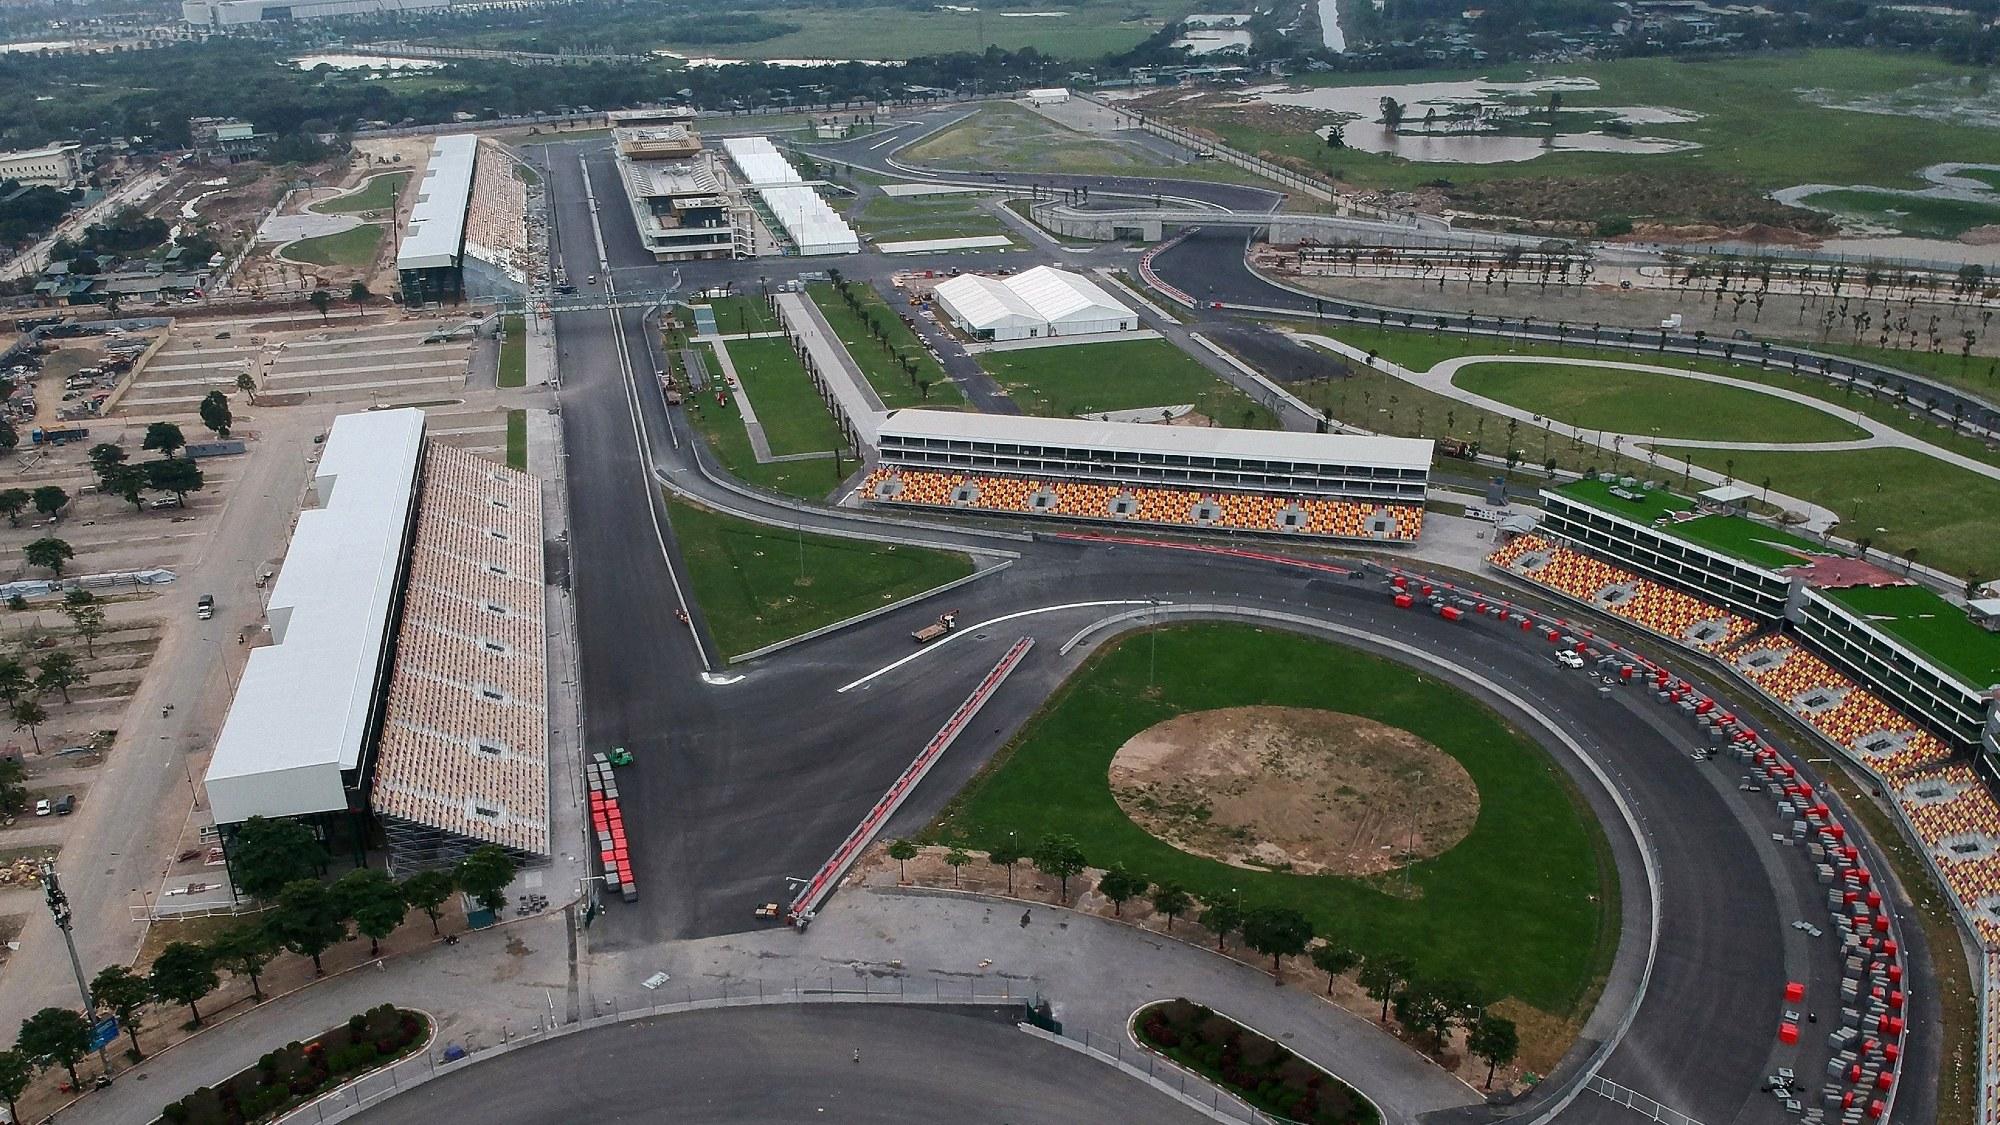 Formula 1 Vietnam GP circuit, Hanoi